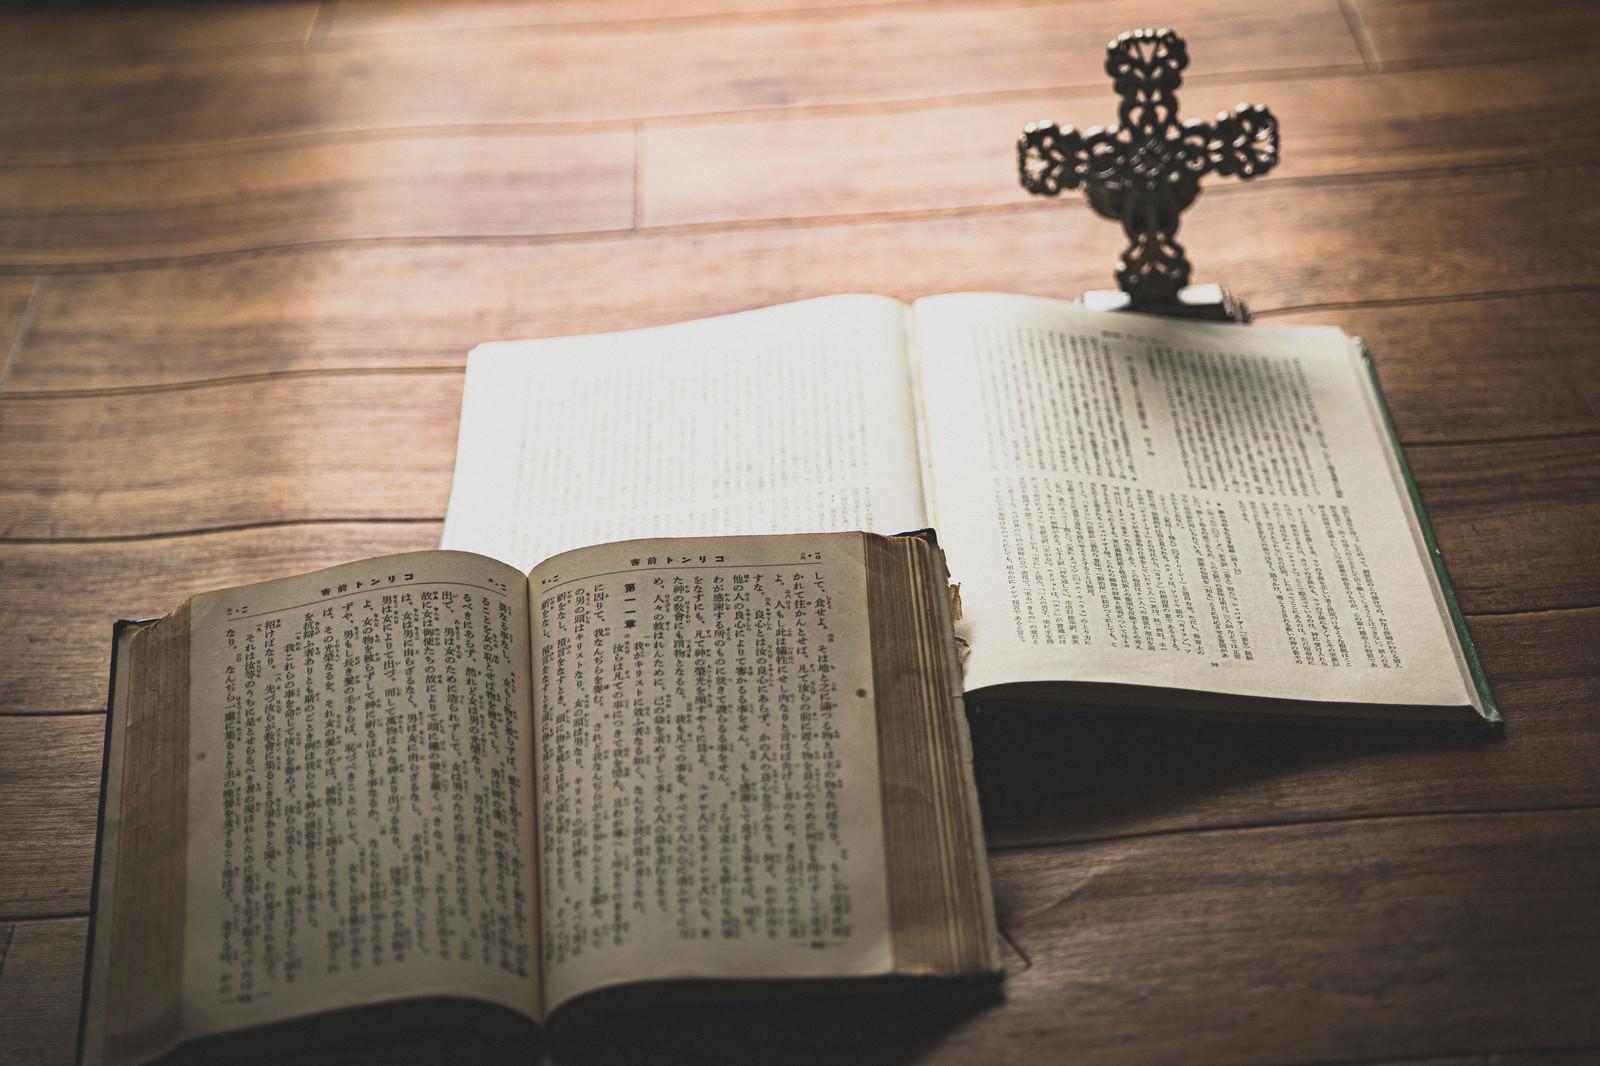 「窓際に置かれた聖書と十字架の燭台」の写真